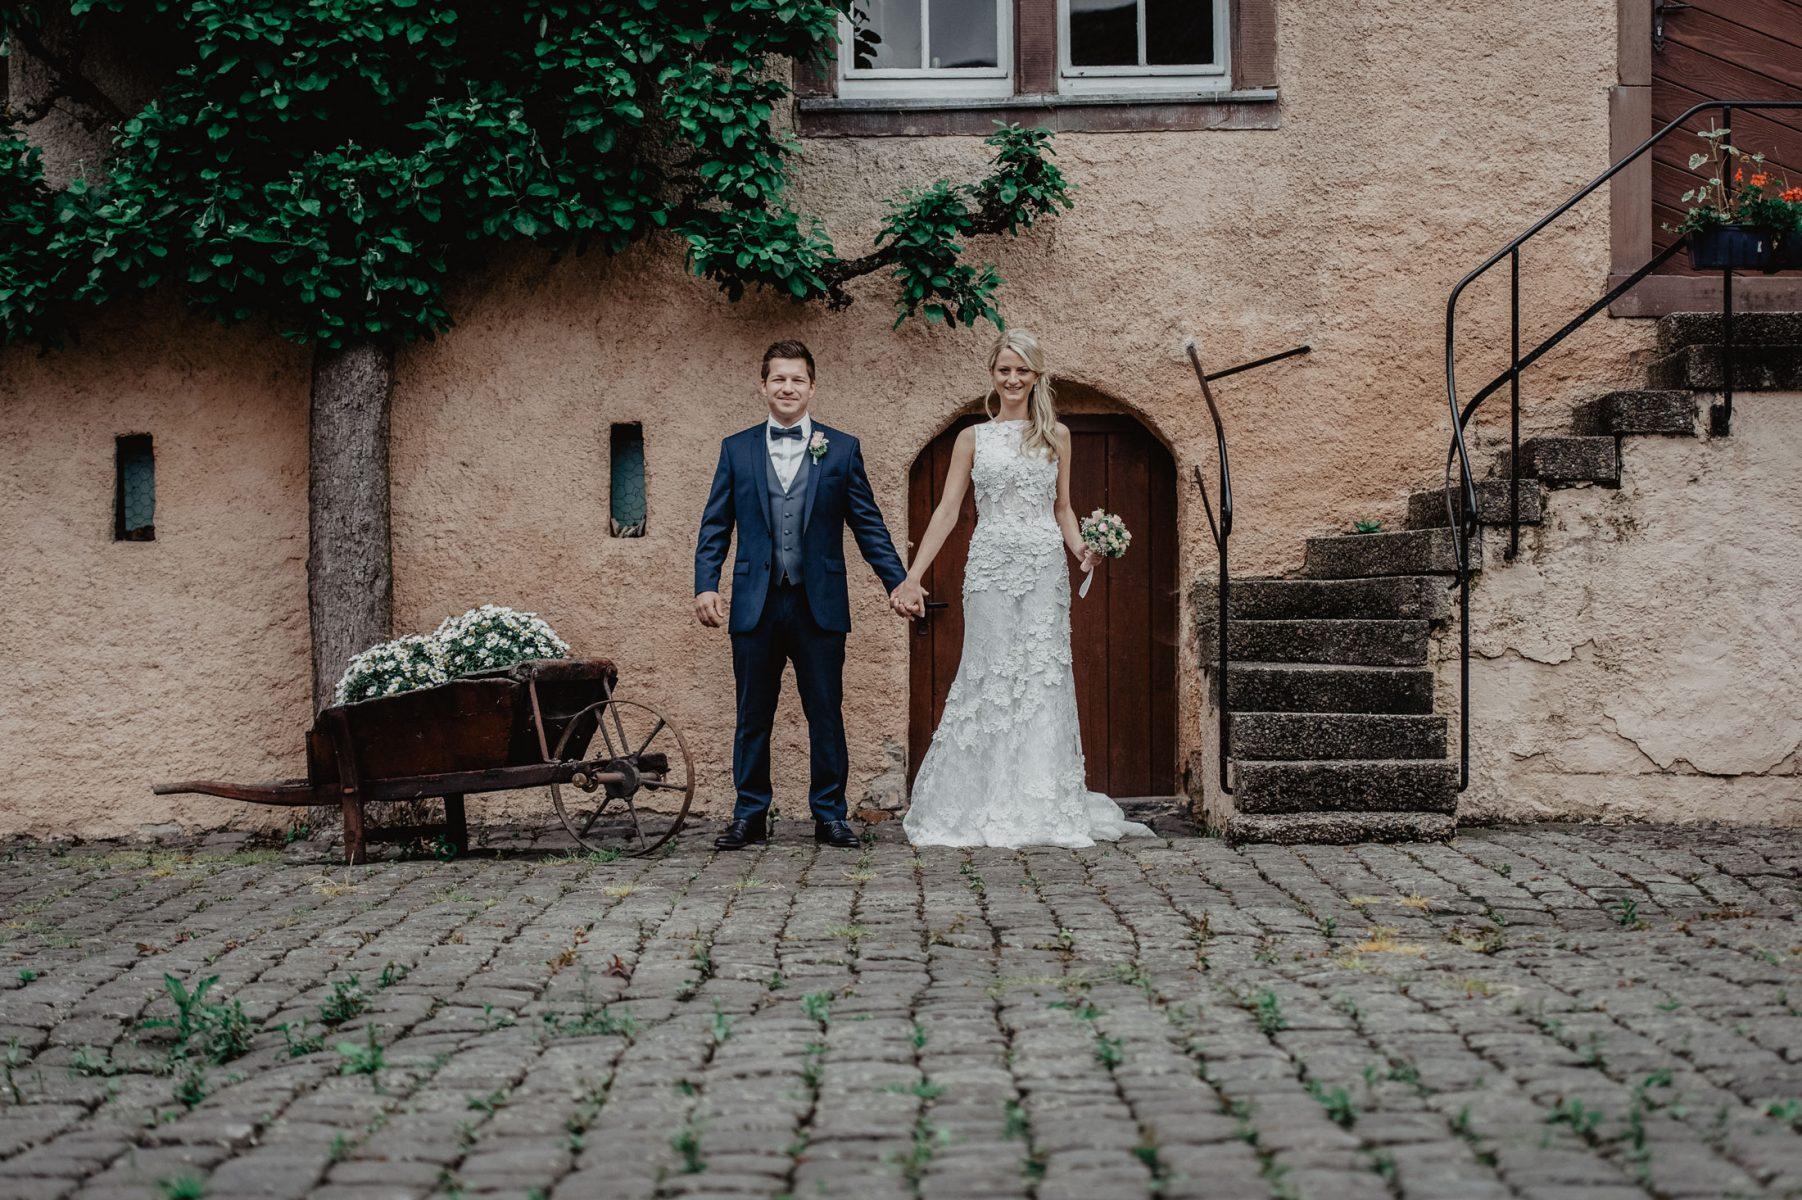 Couple wedding engagement weddingphotographer hochzeit hochzeitsfotograf pärchen pärchenbilder engagementphotos luxembourg belgien schweiz